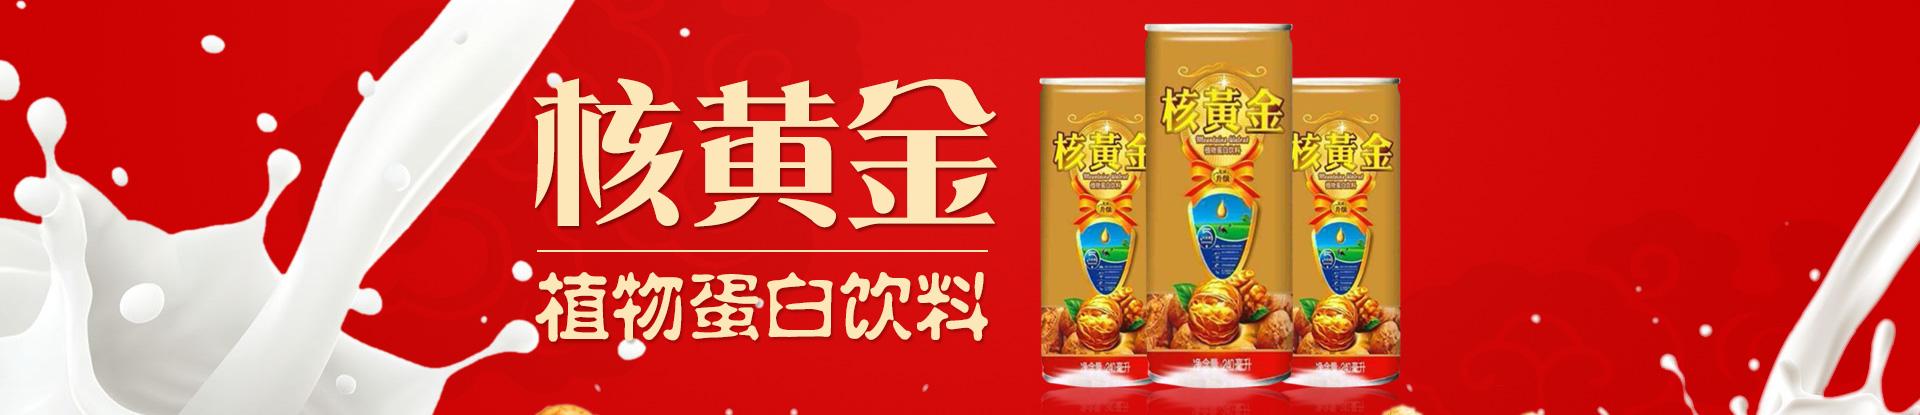 河南西恒食品有限公司